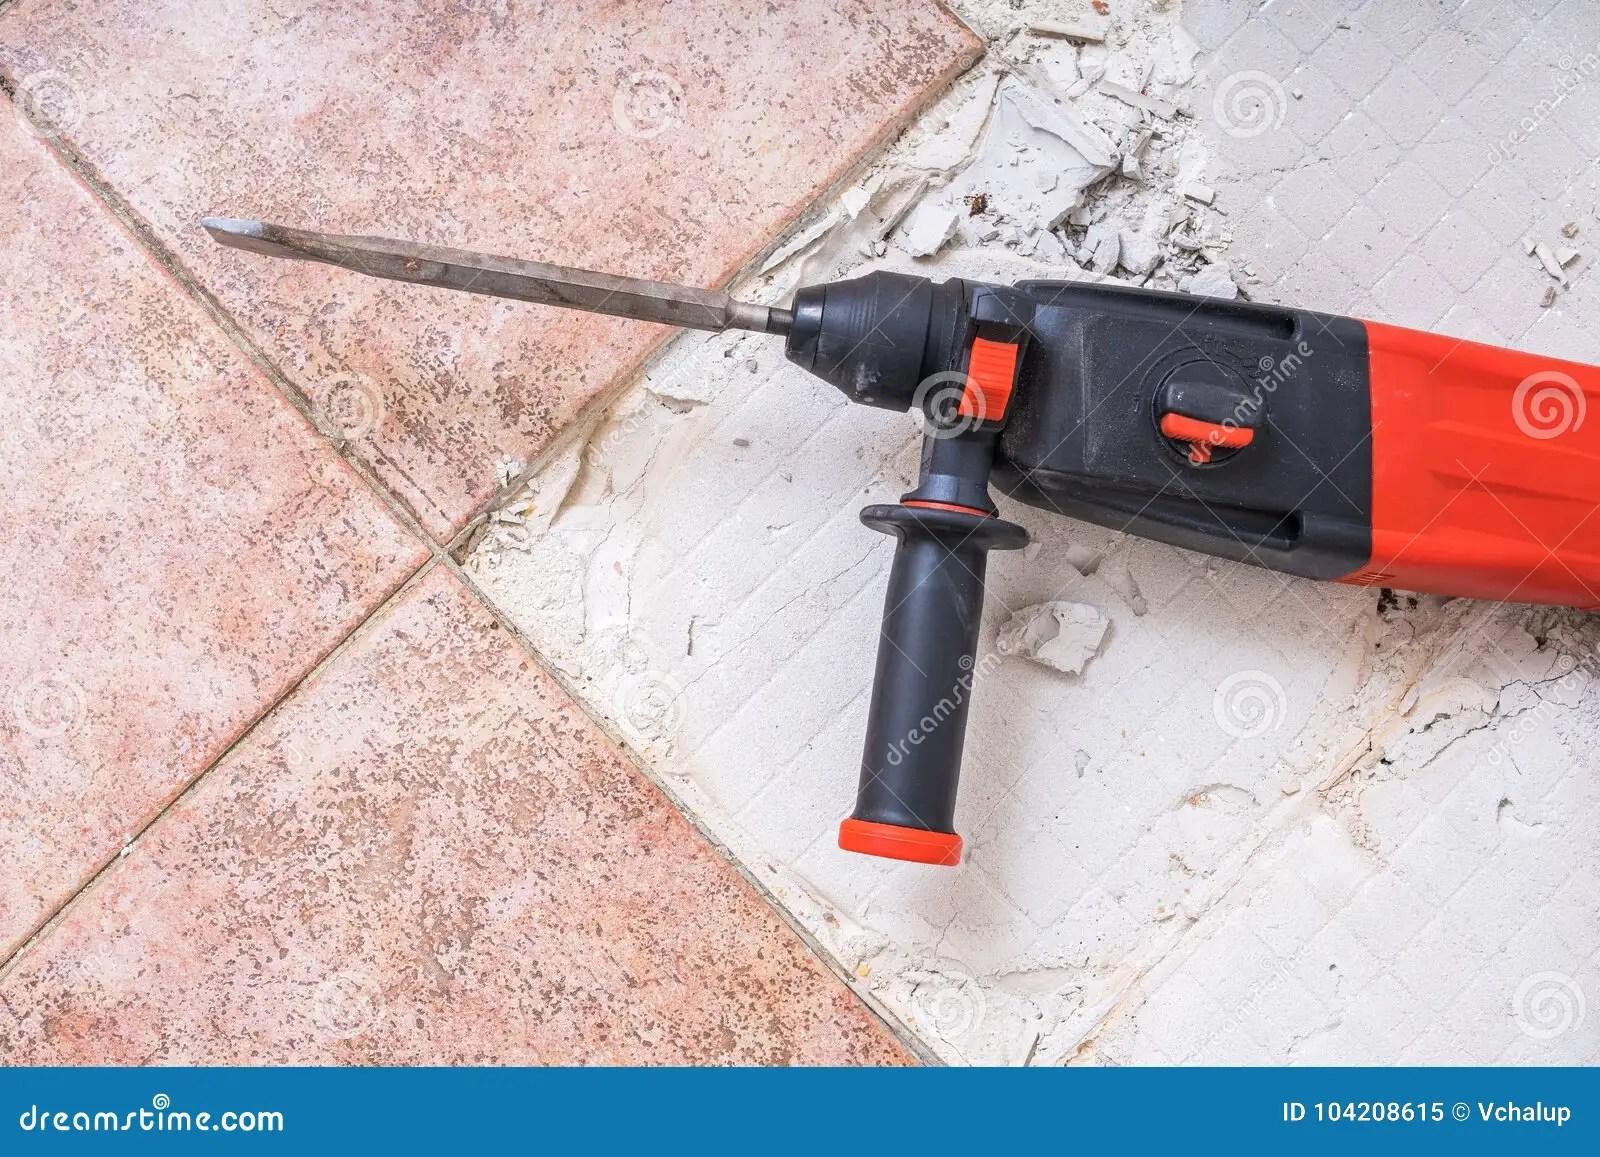 https www dreamstime com removing old tiles jackhammer drilling demolition hammer floor image104208615